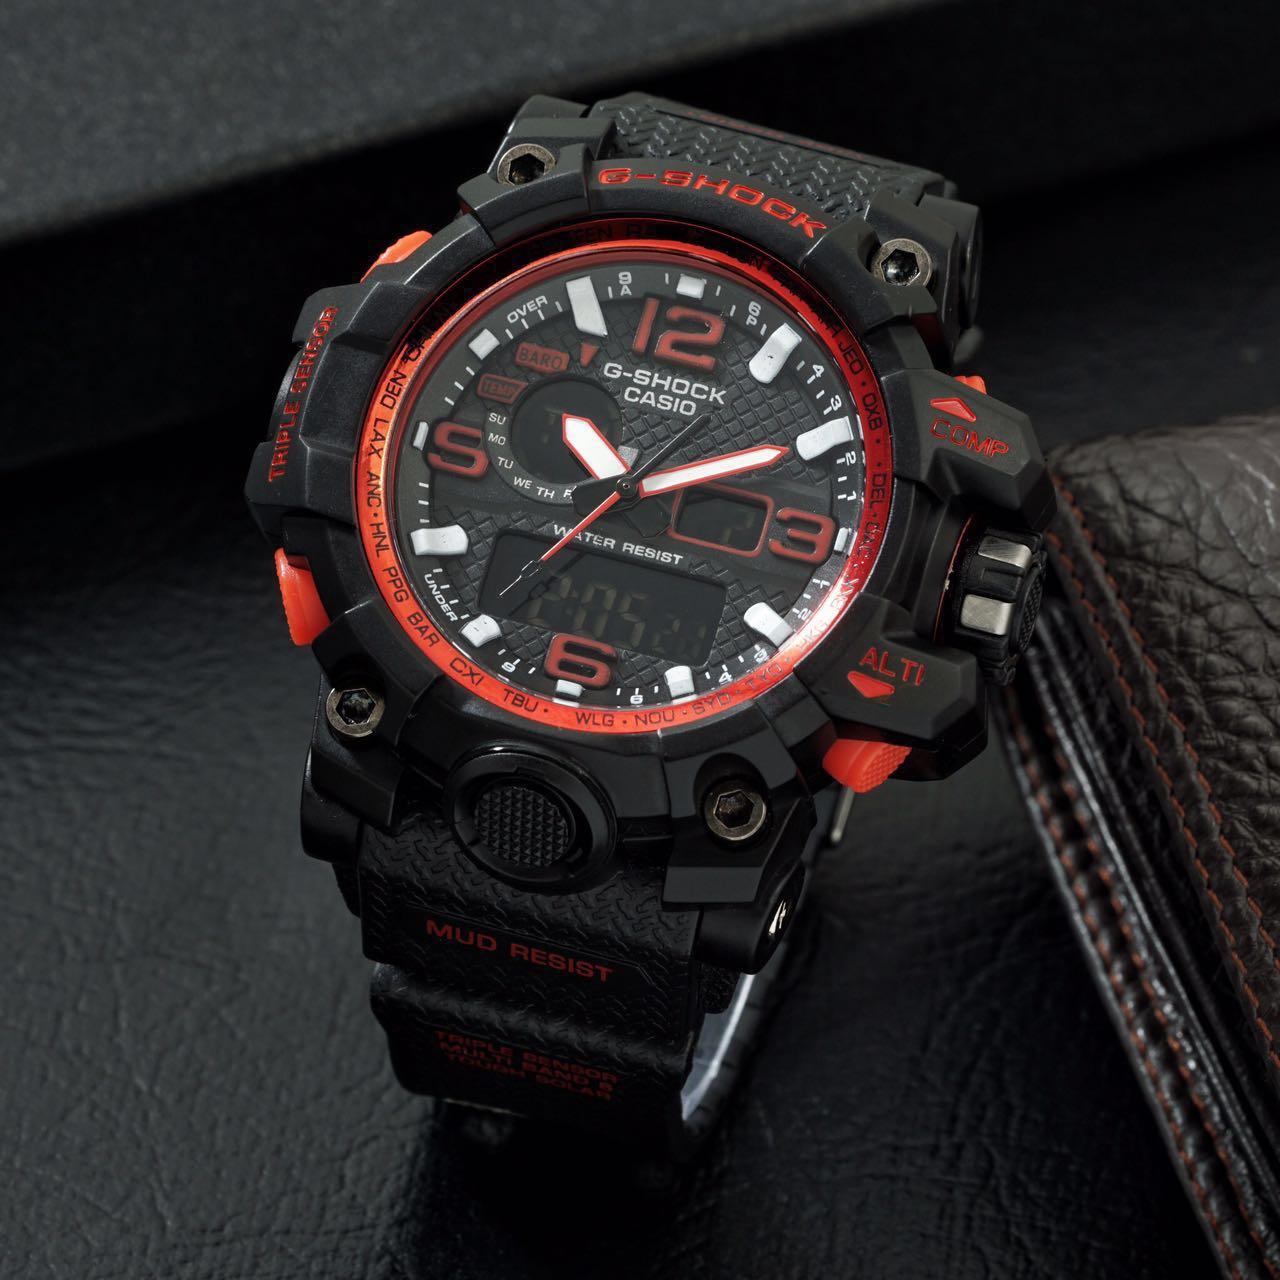 Skmei 1219 Jam Tangan Pria Sport Water Resistant 50m Hitam Murah Source · Water Resistant 50m Rubber Strap Hitam Page 4 Jual jam tangan pria digital sporty ...